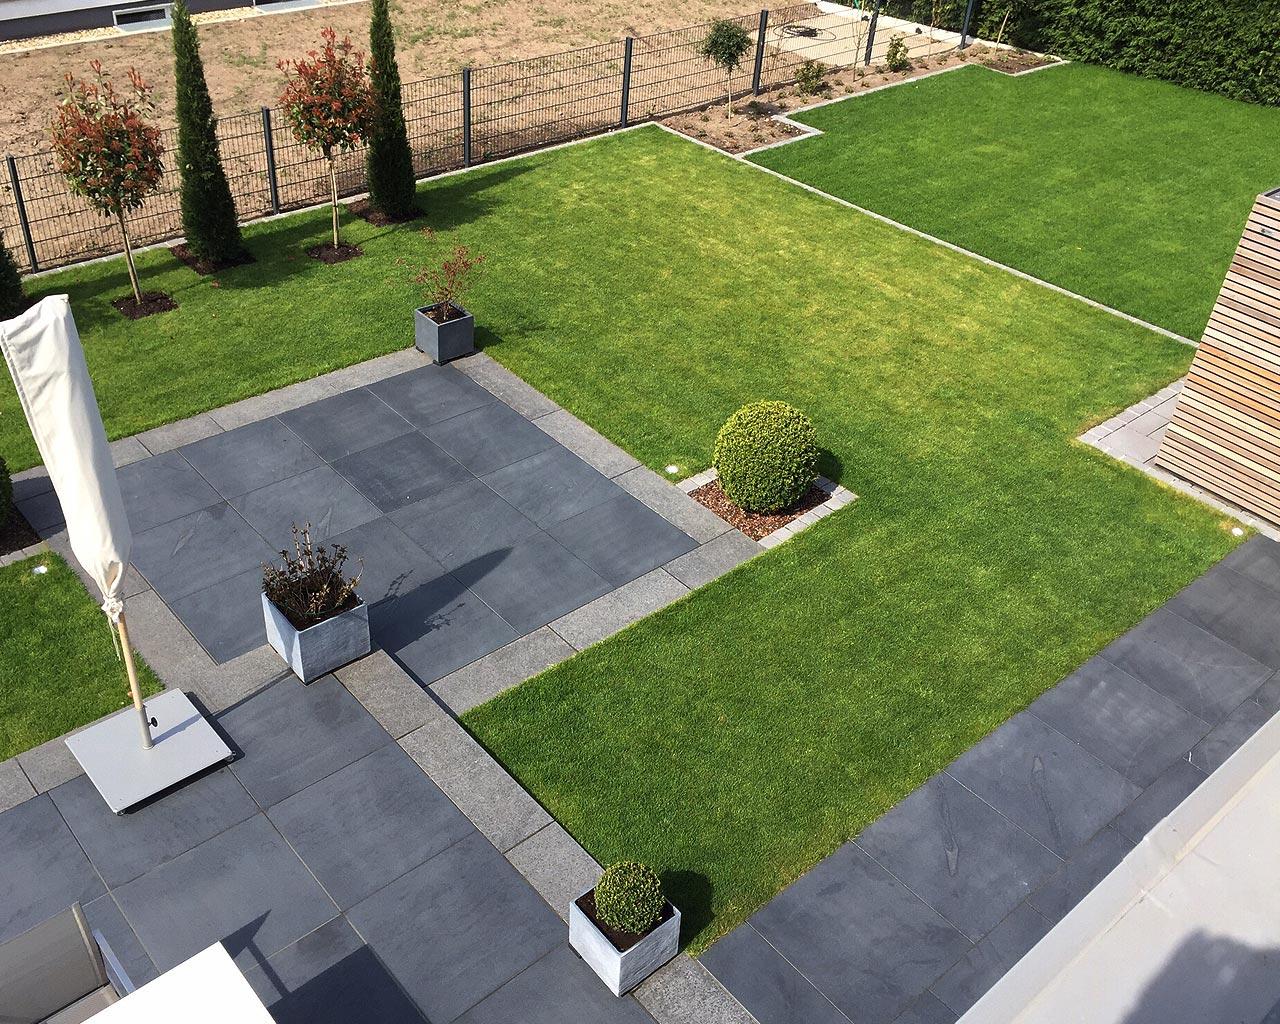 Bezaubernd Garten Terrasse Foto Von Garten-terrasse-symetrisch